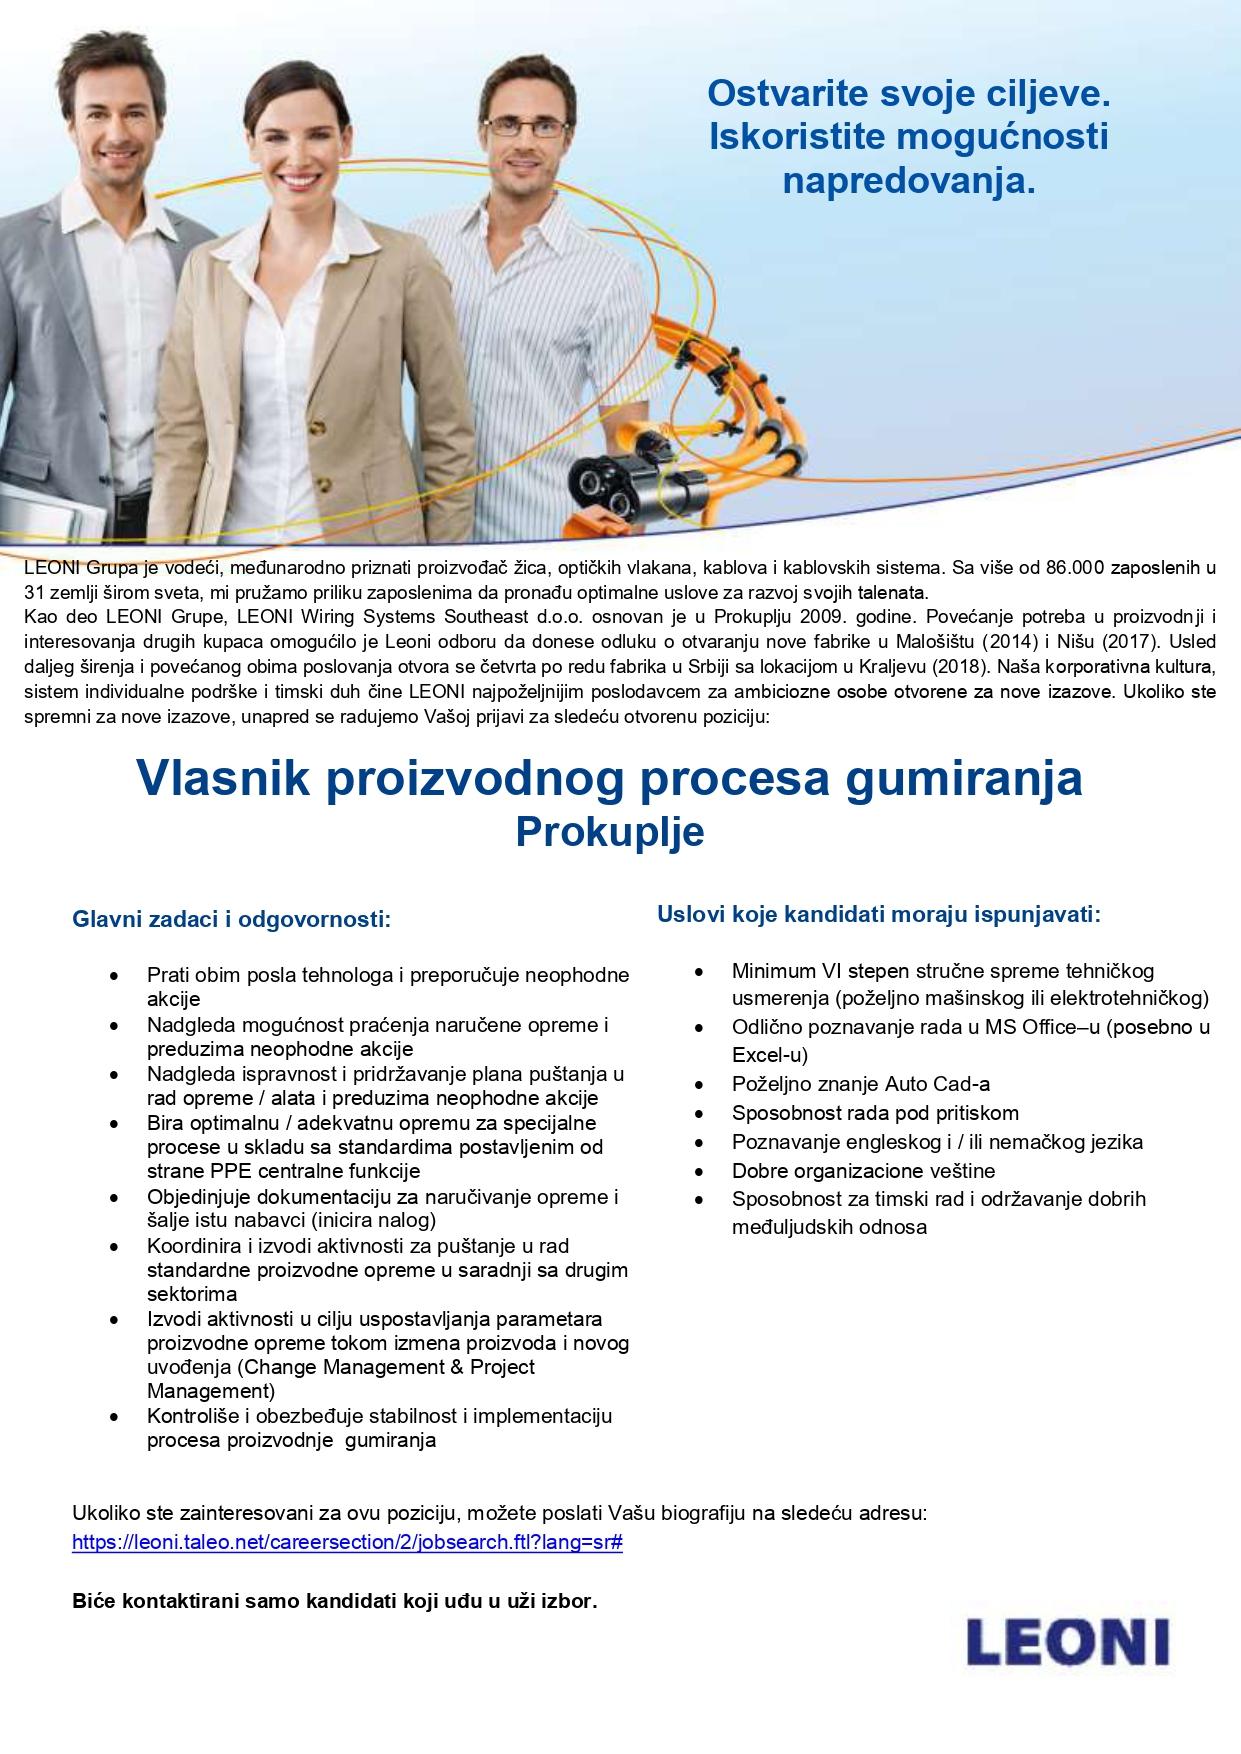 Vlasnik proizvodnog procesa gumiranja